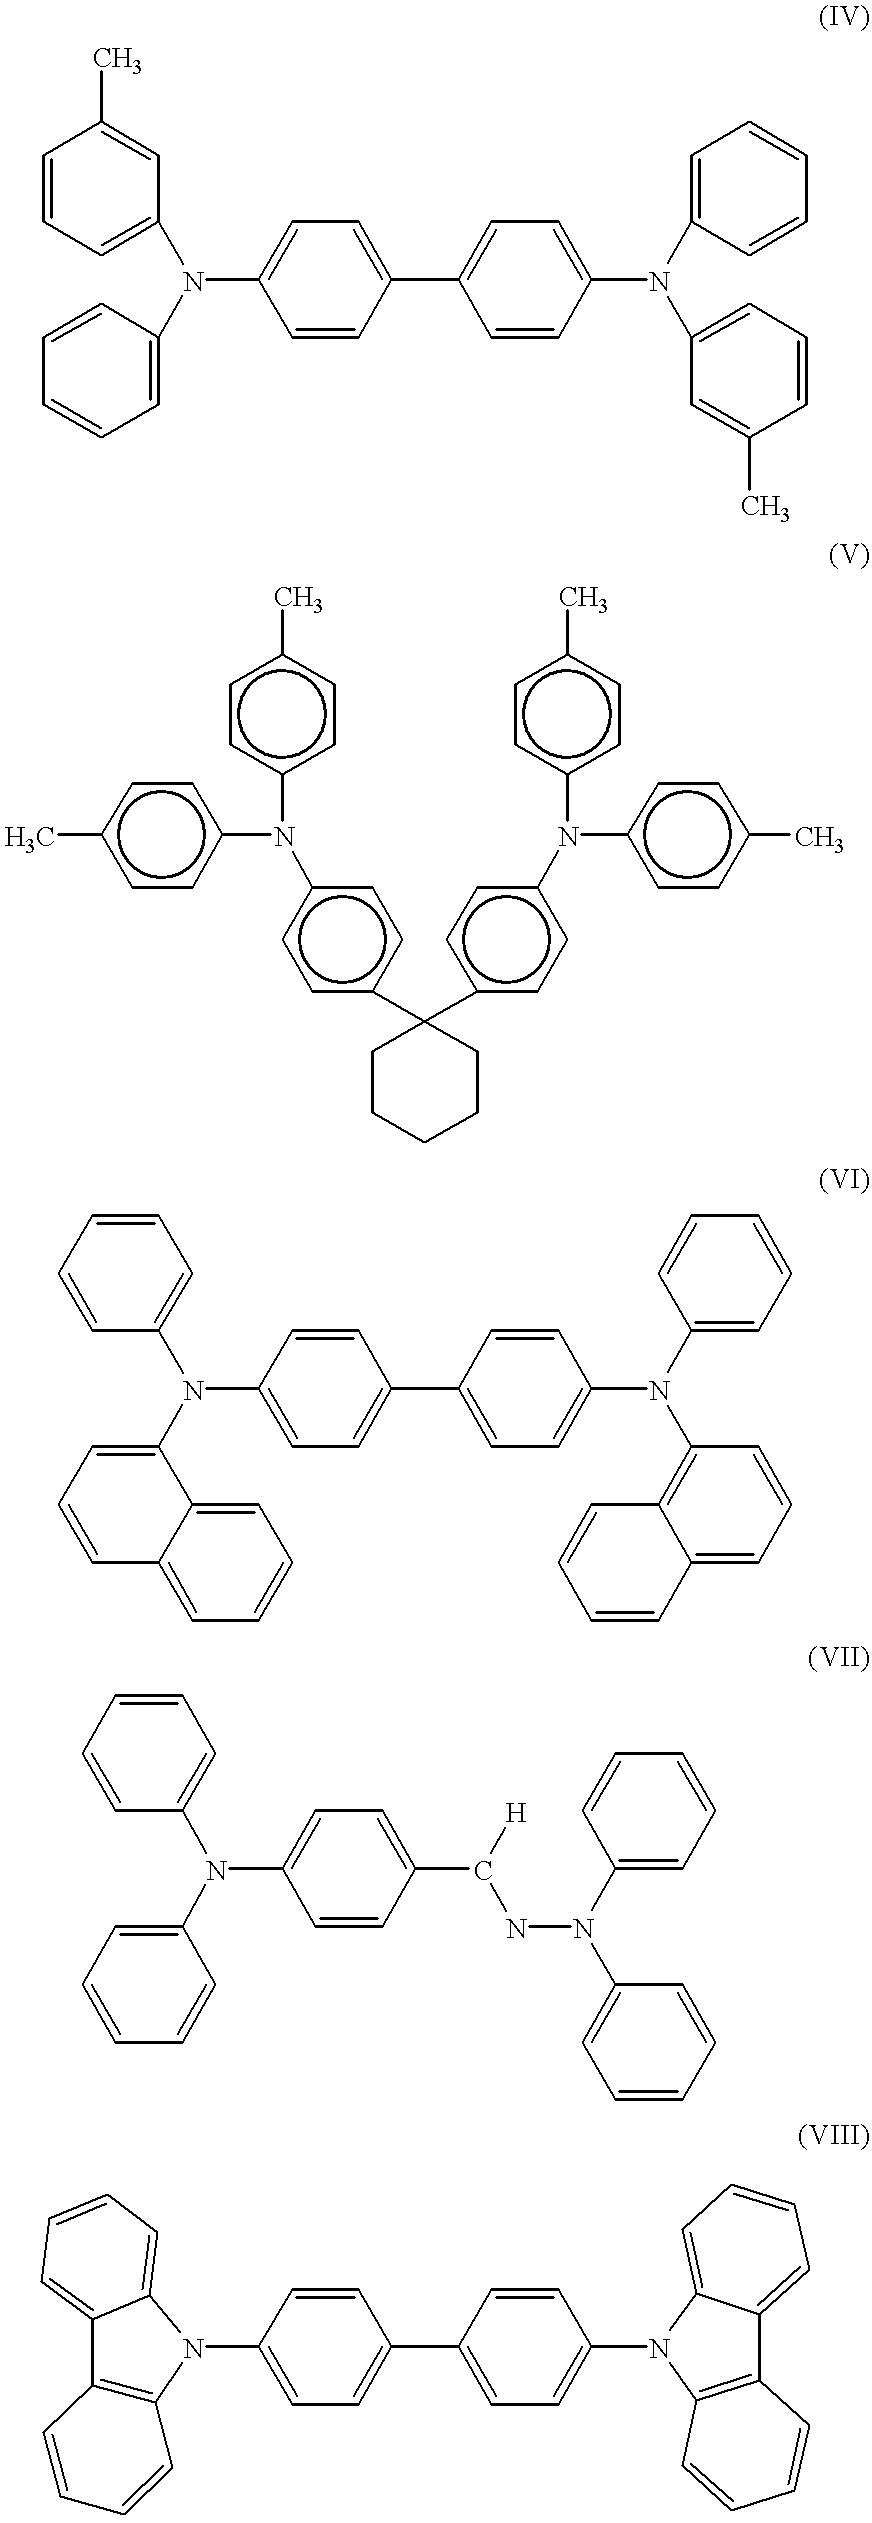 Figure US20010005528A1-20010628-C00005